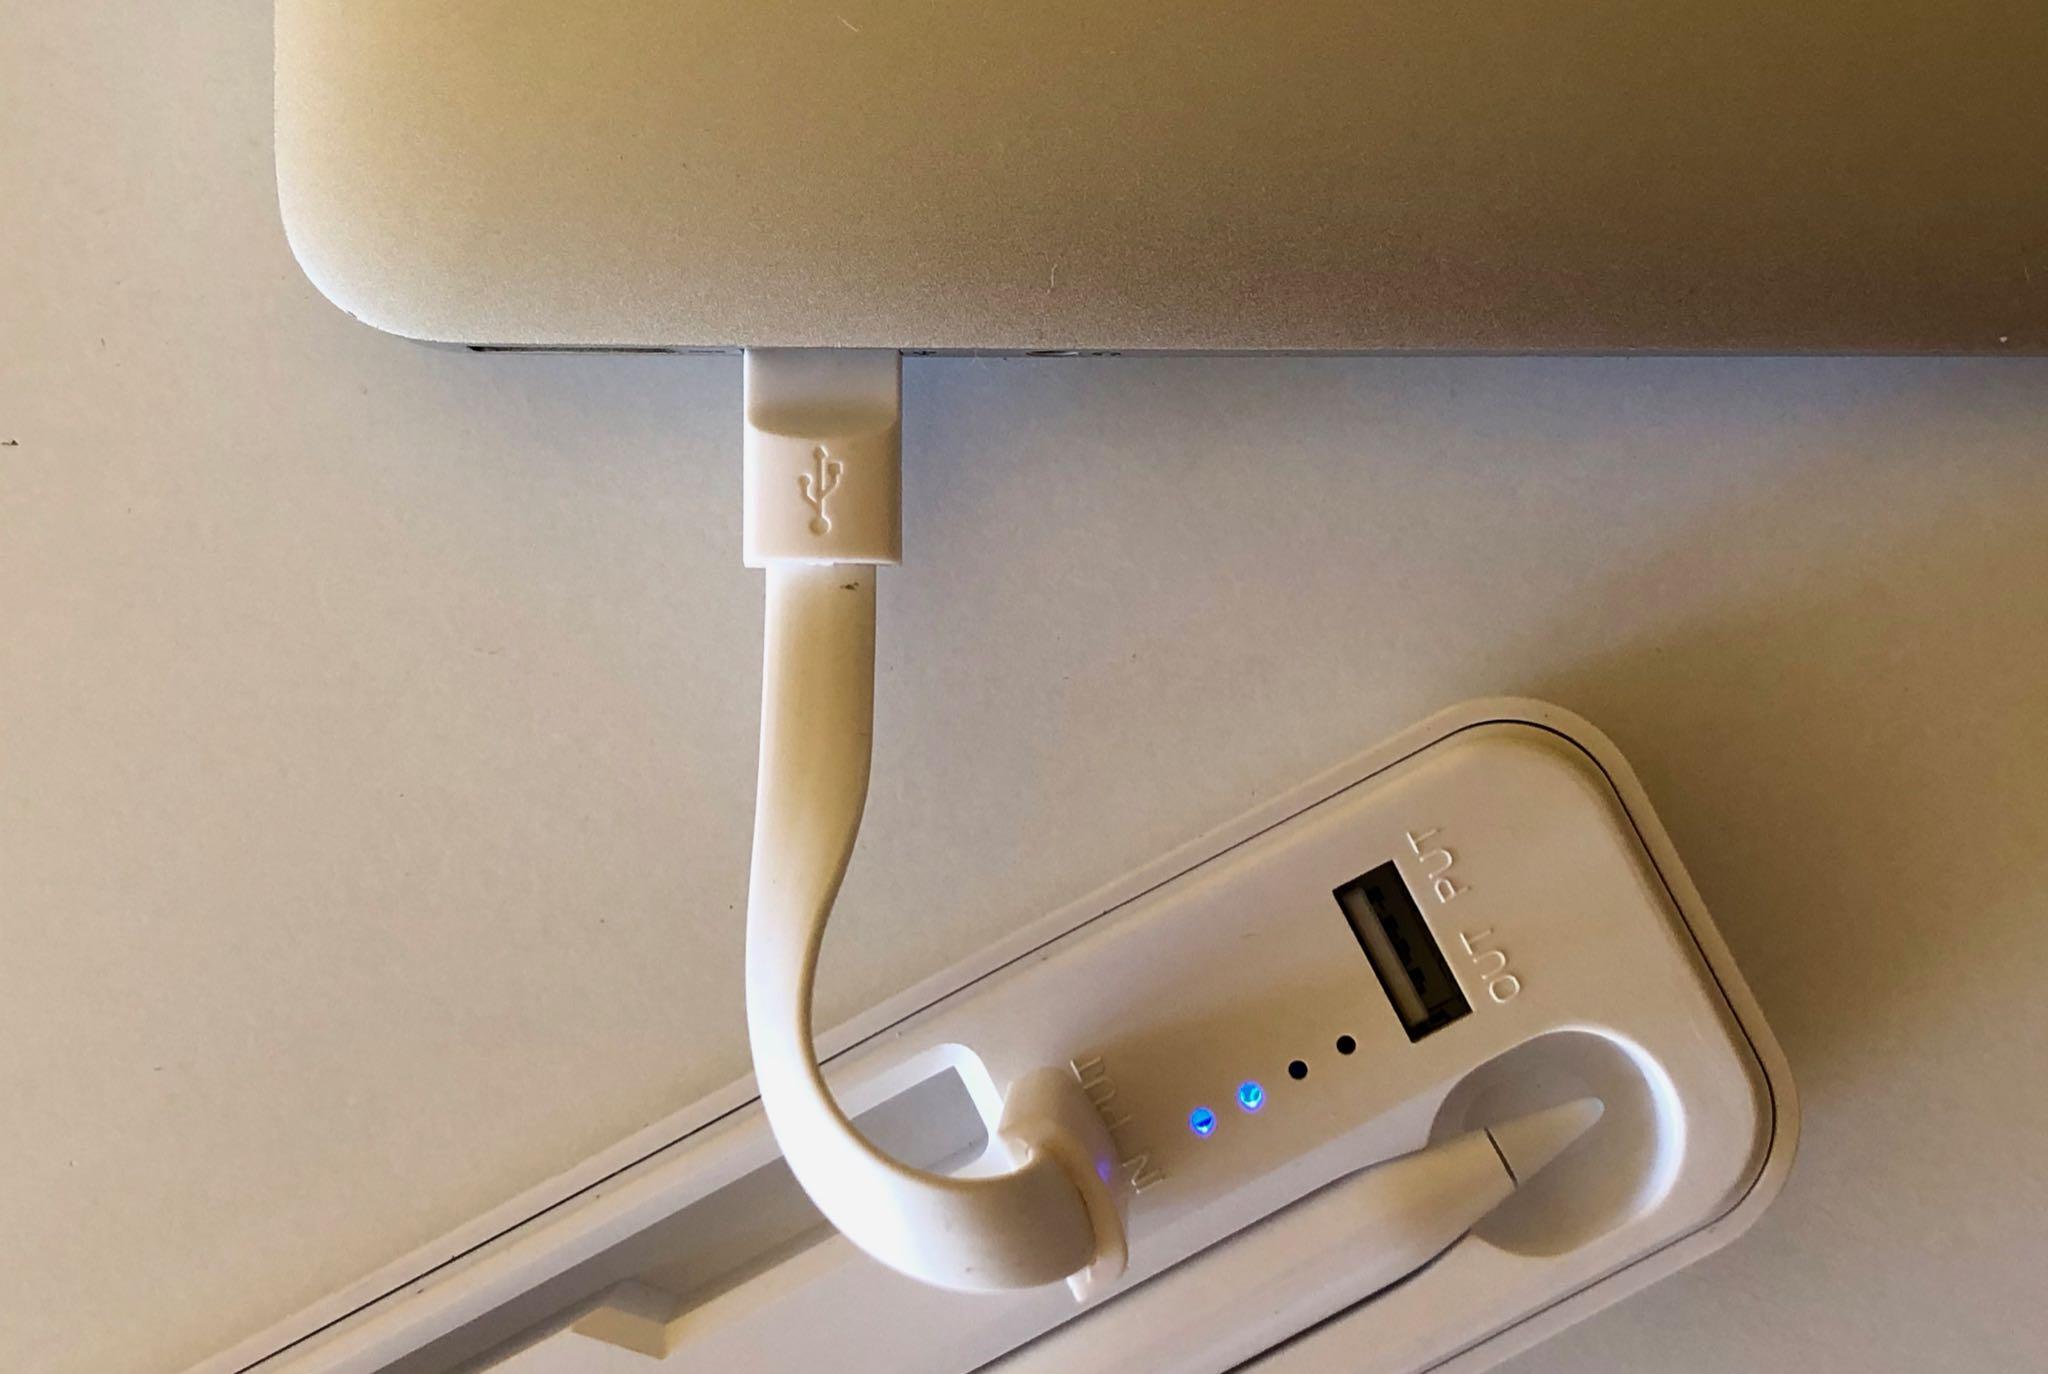 Recharge Apple Pencil case